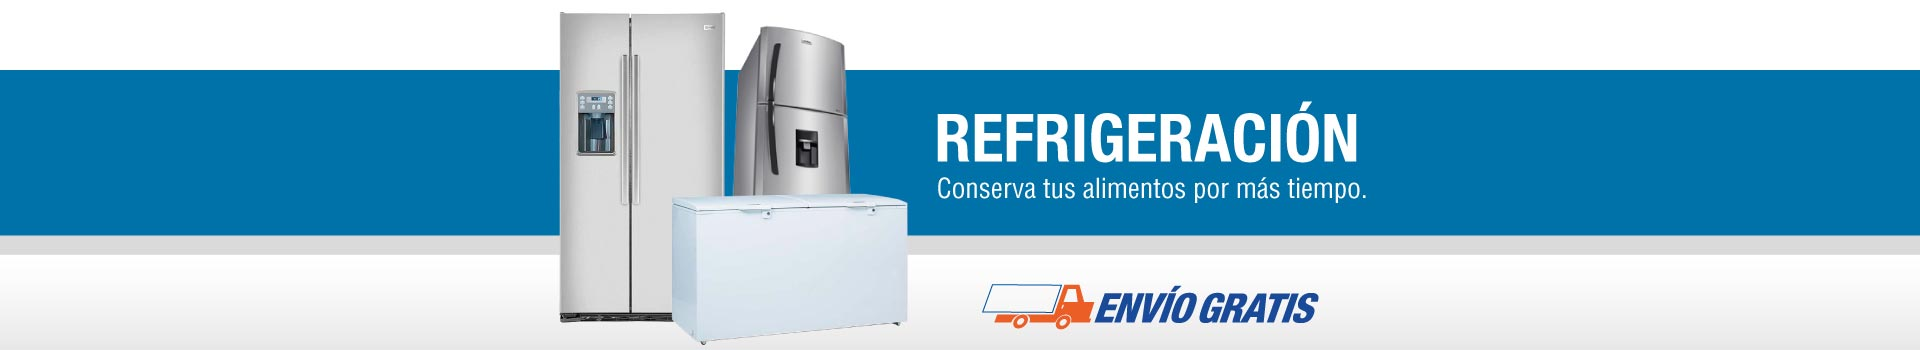 Refrigeración: conservan los alimentos por más tiempo.